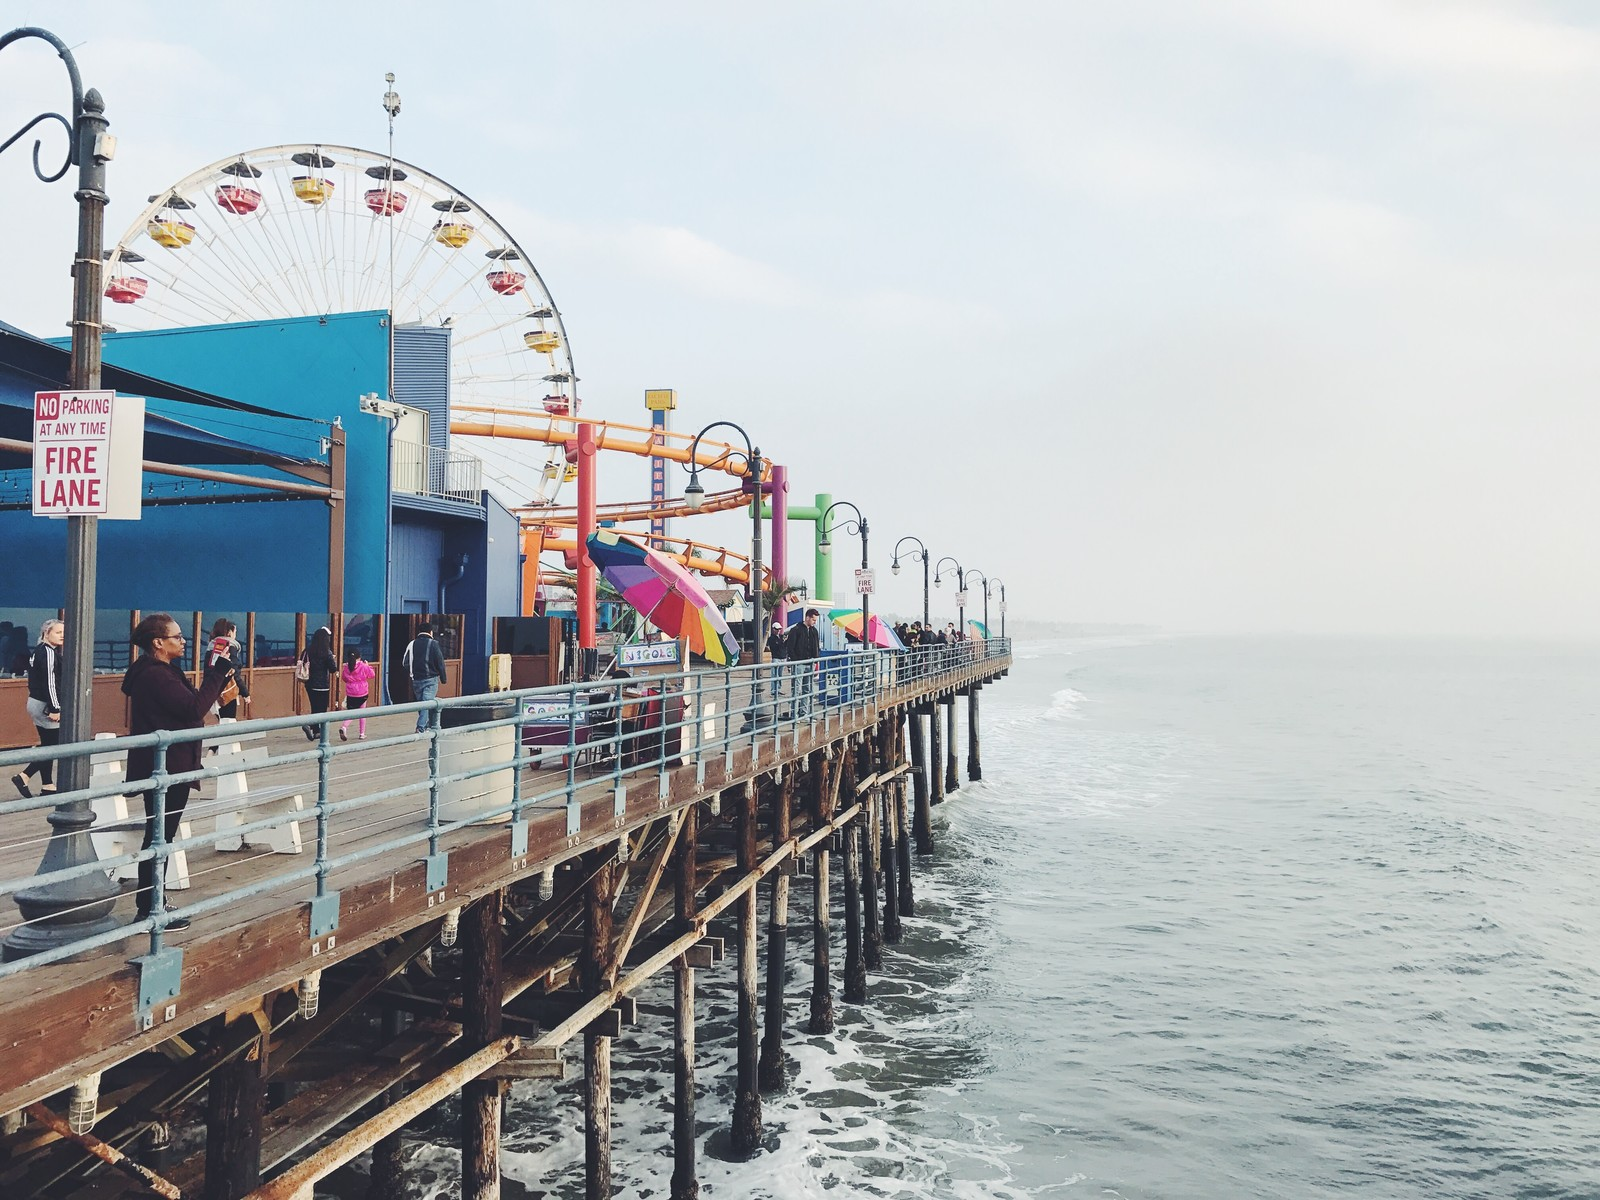 「カリフォルニア、サンタモニカのピアにある海沿いの遊園地カリフォルニア、サンタモニカのピアにある海沿いの遊園地」のフリー写真素材を拡大